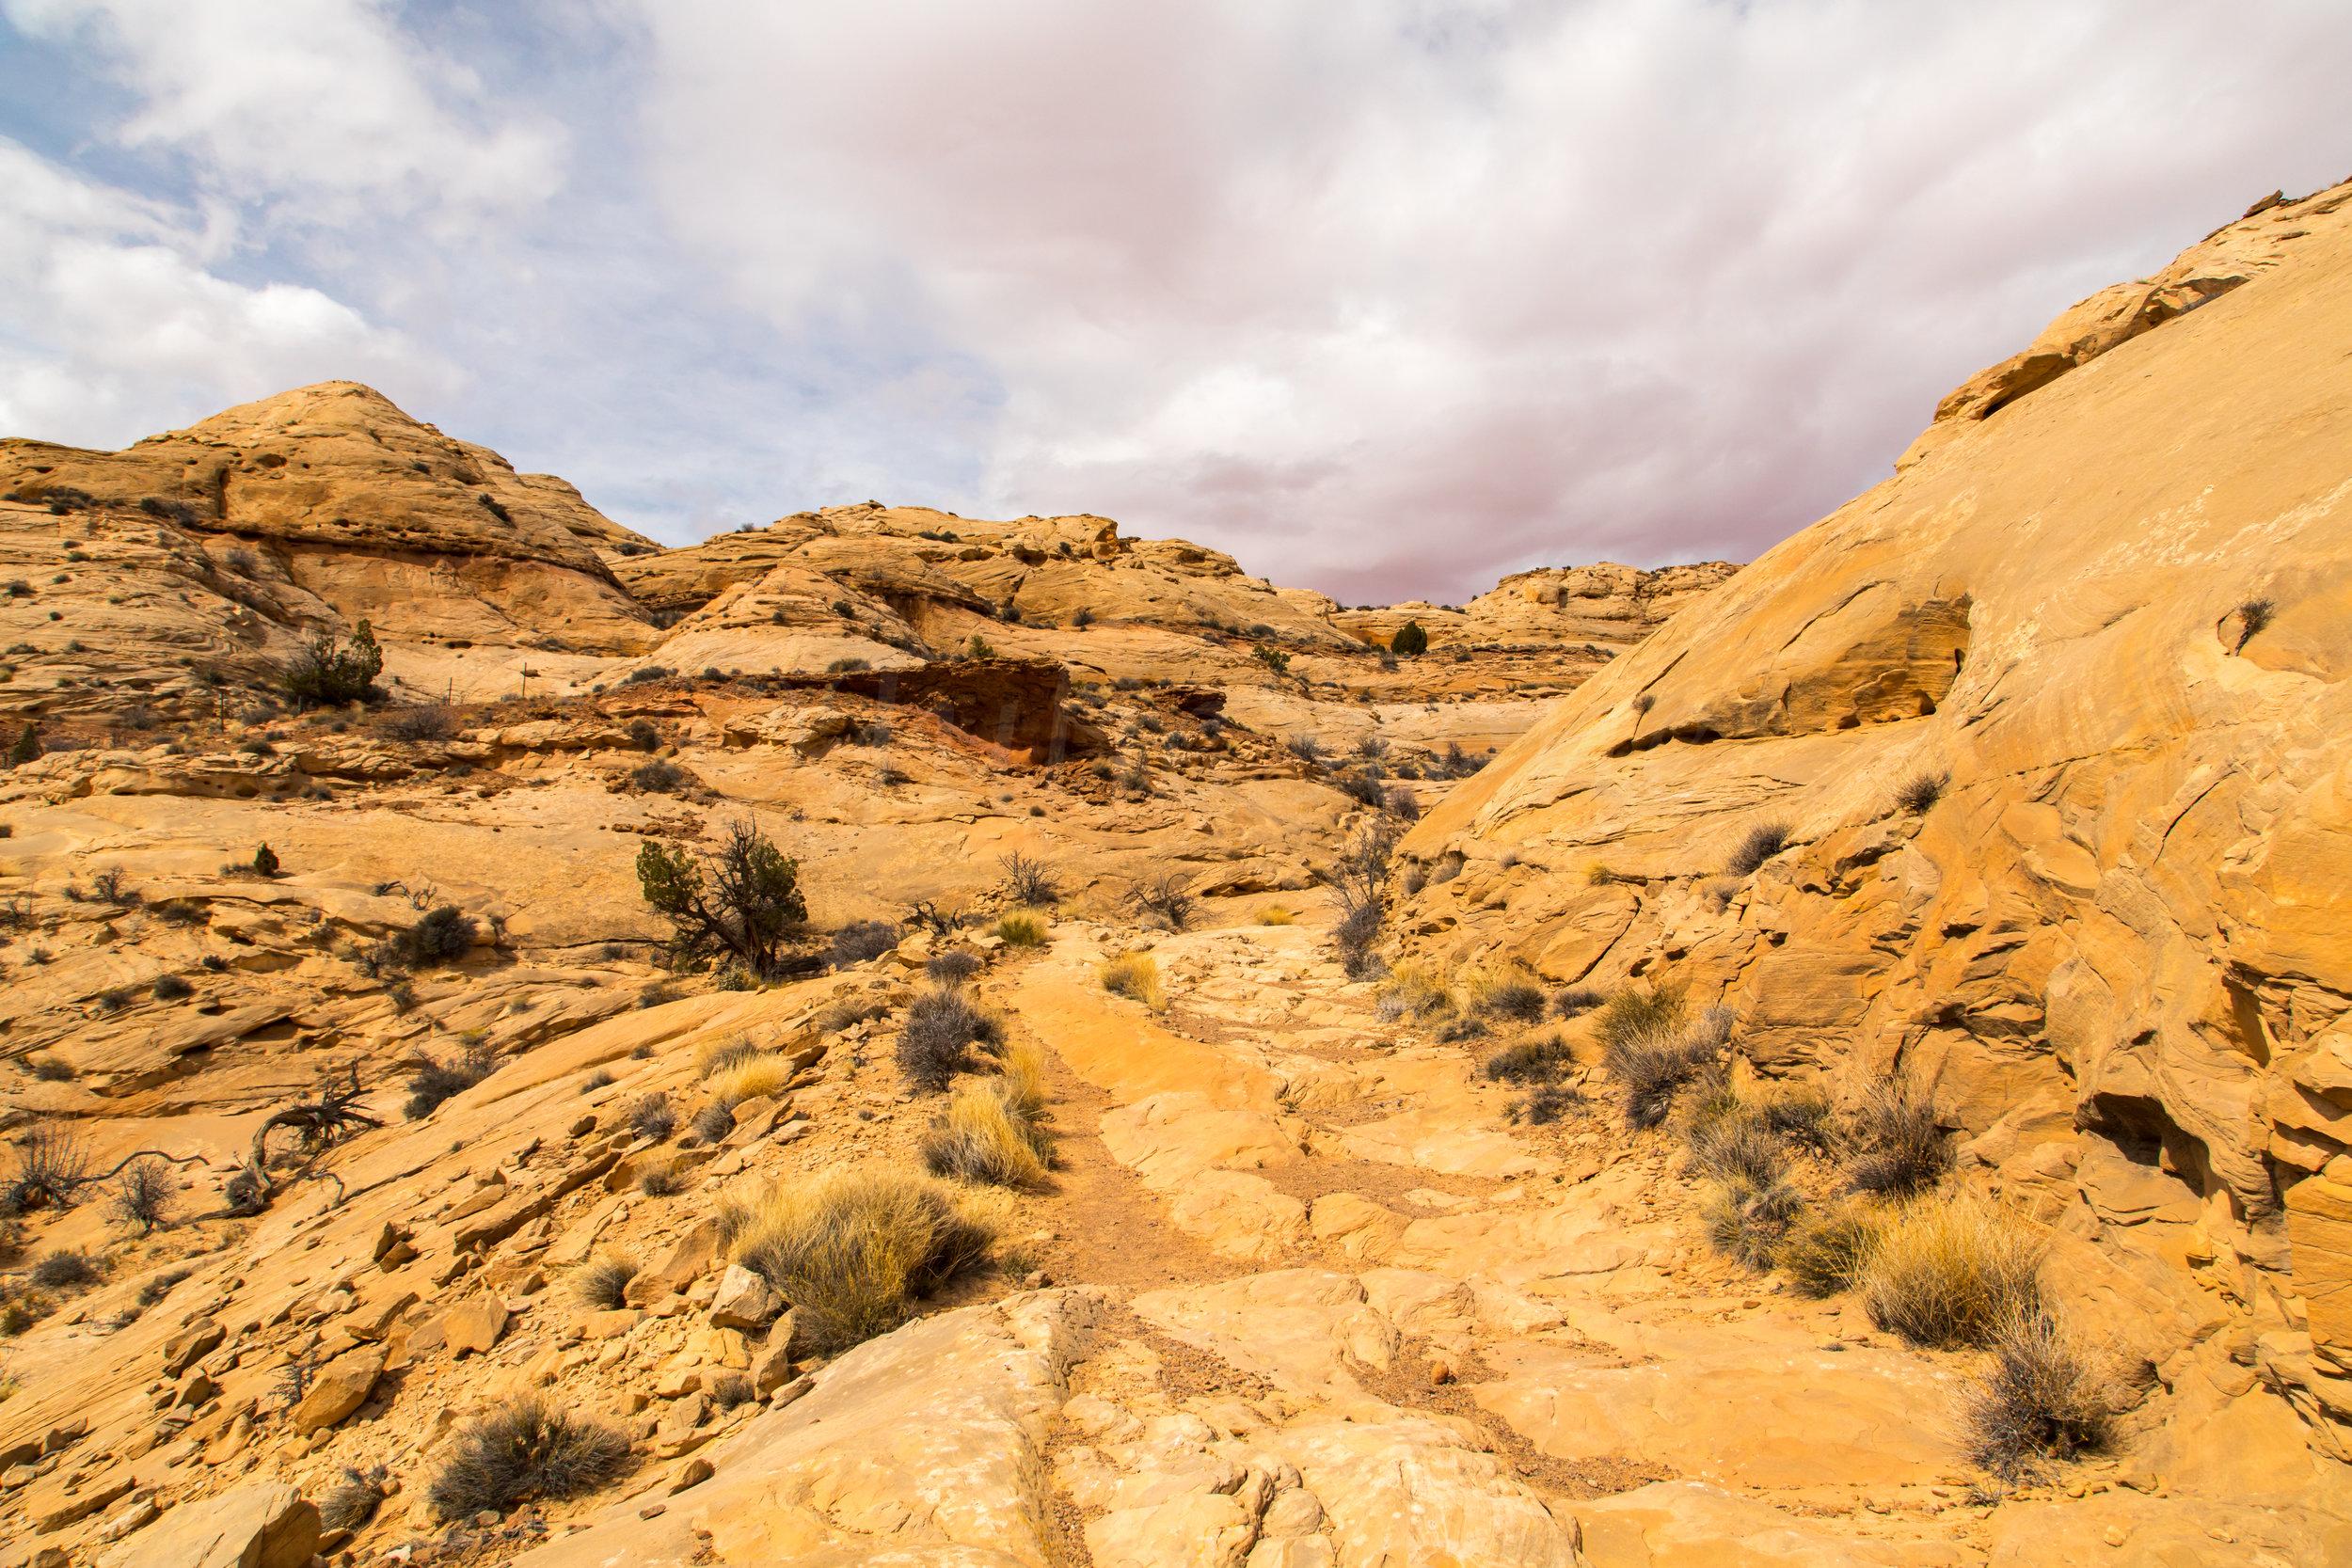 Horseshoe Canyon, Image # 9301